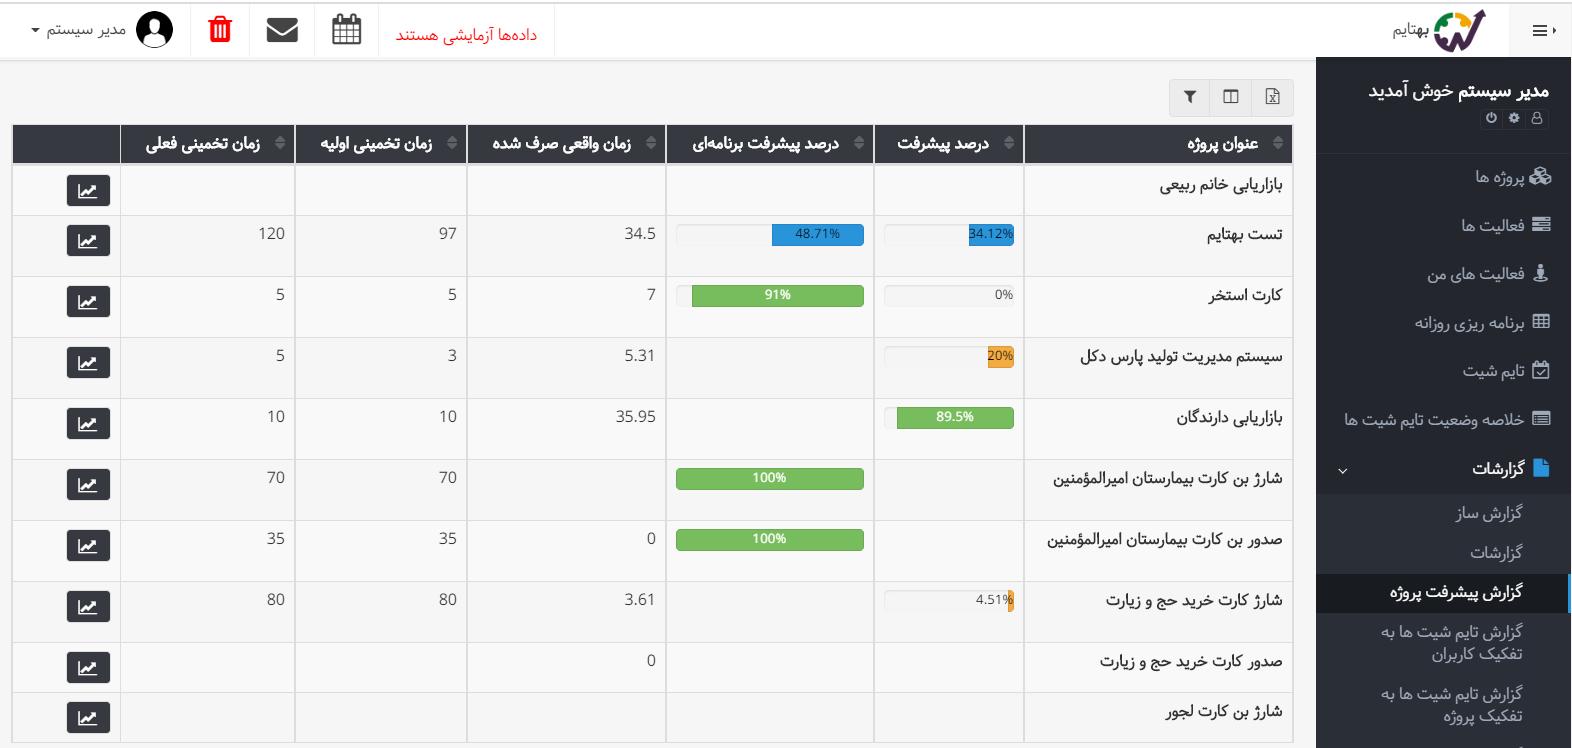 گزارش پیشرفت پروژه - درصد پیشرفت برنامه ای